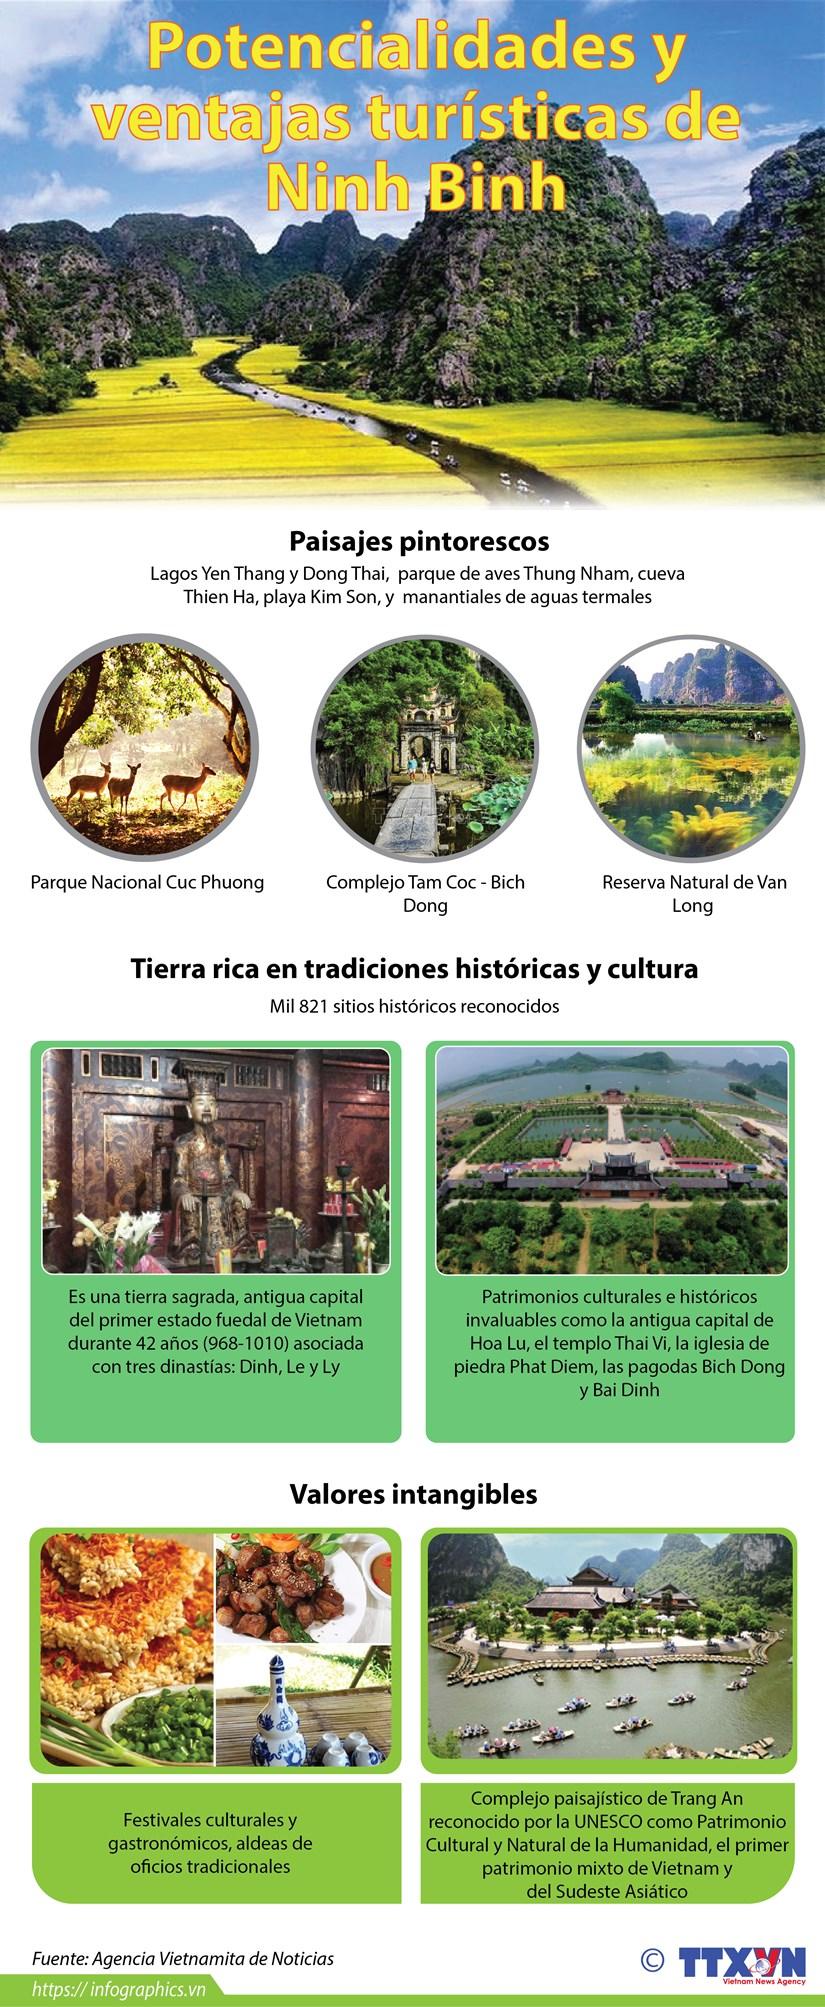 Potencialidades y ventajas turisticas de Ninh Binh hinh anh 1